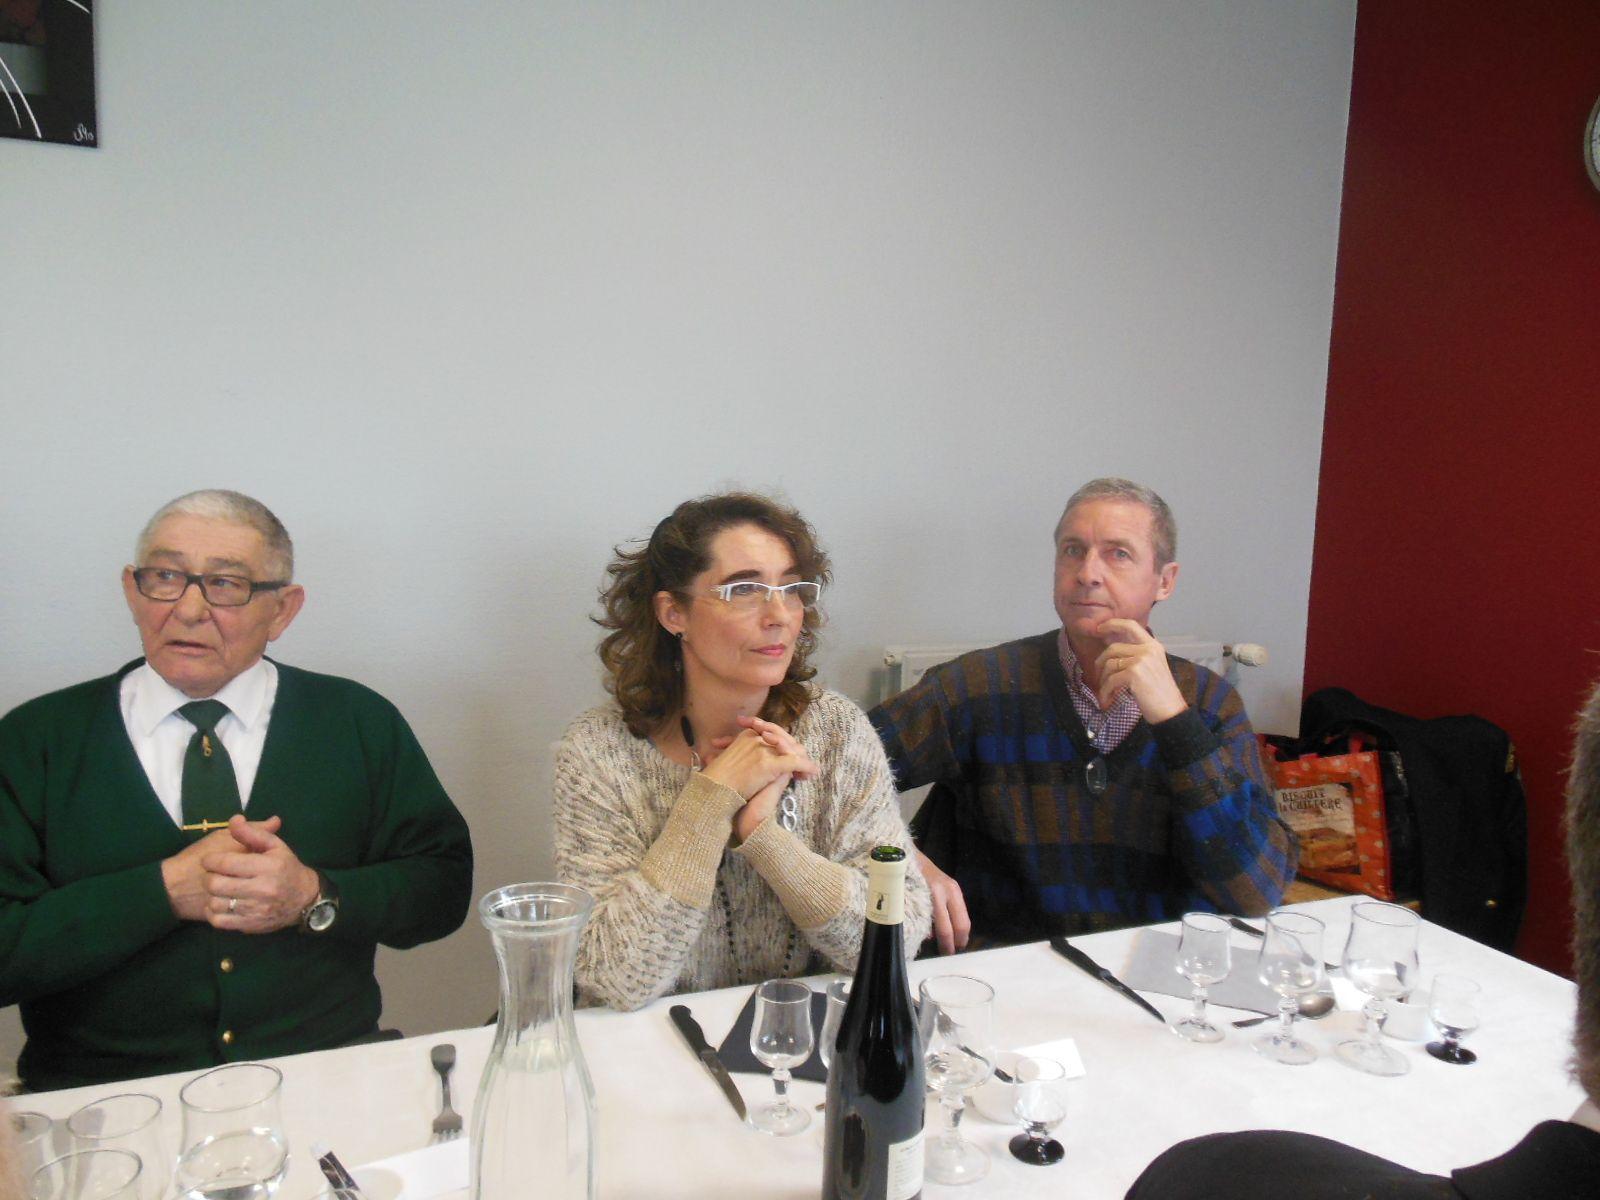 Photos de l'assemblée générale de l'Amicale des Anciens de la Légion Etrangère d'Indre et Loire du samedi 11 février 2017